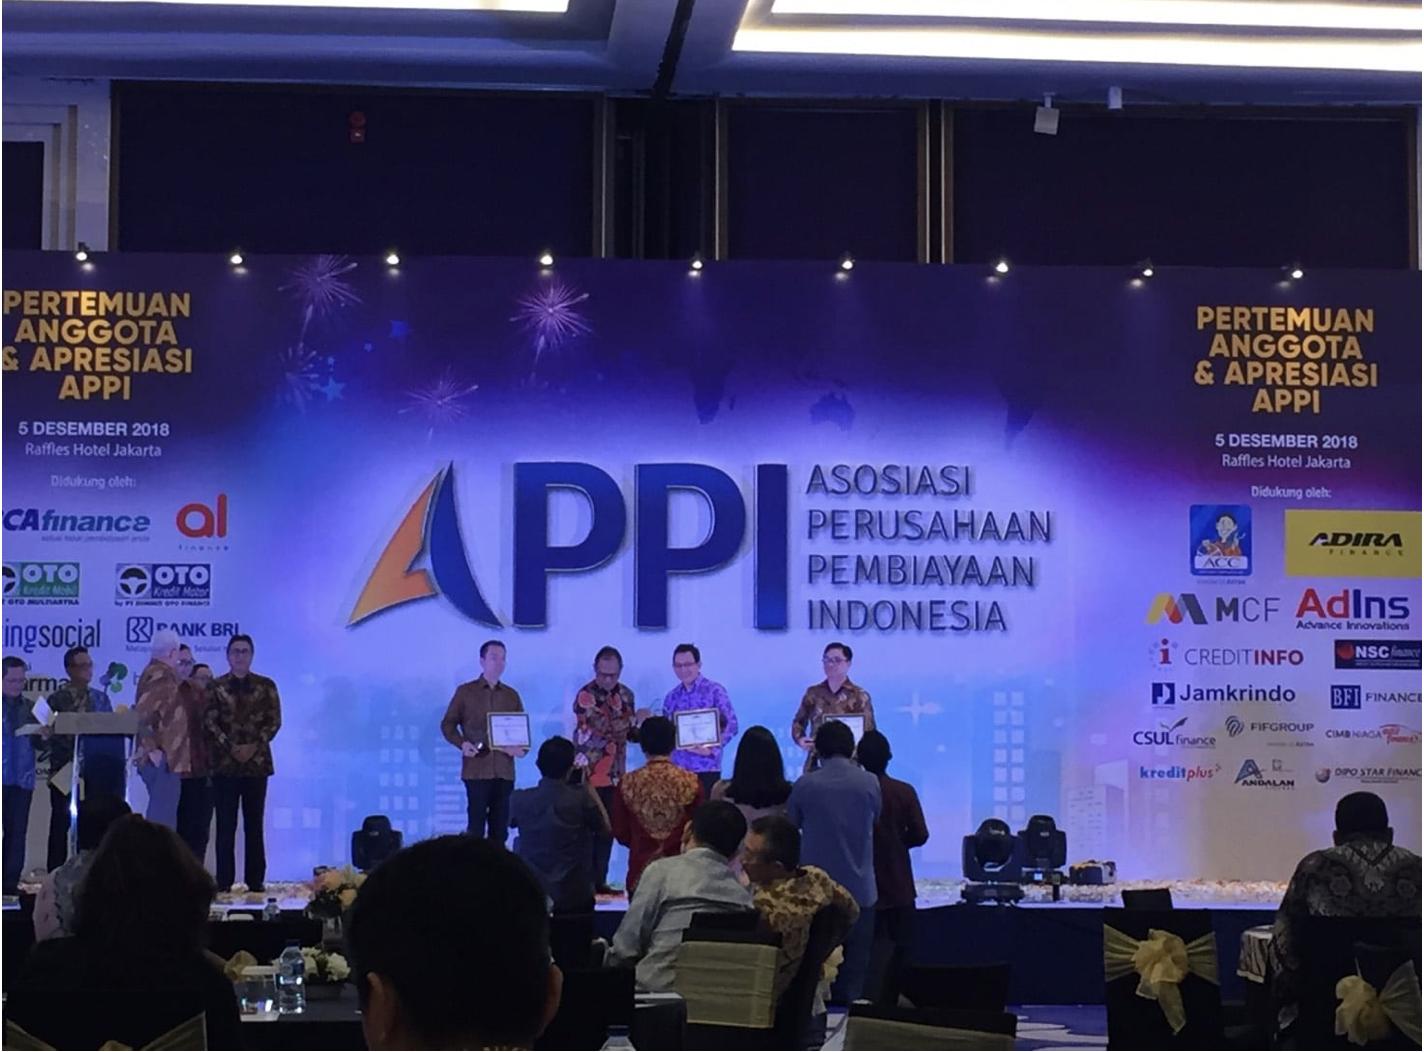 Dukungan AdIns Pada Konferensi dan Apresiasi Peserta APPI